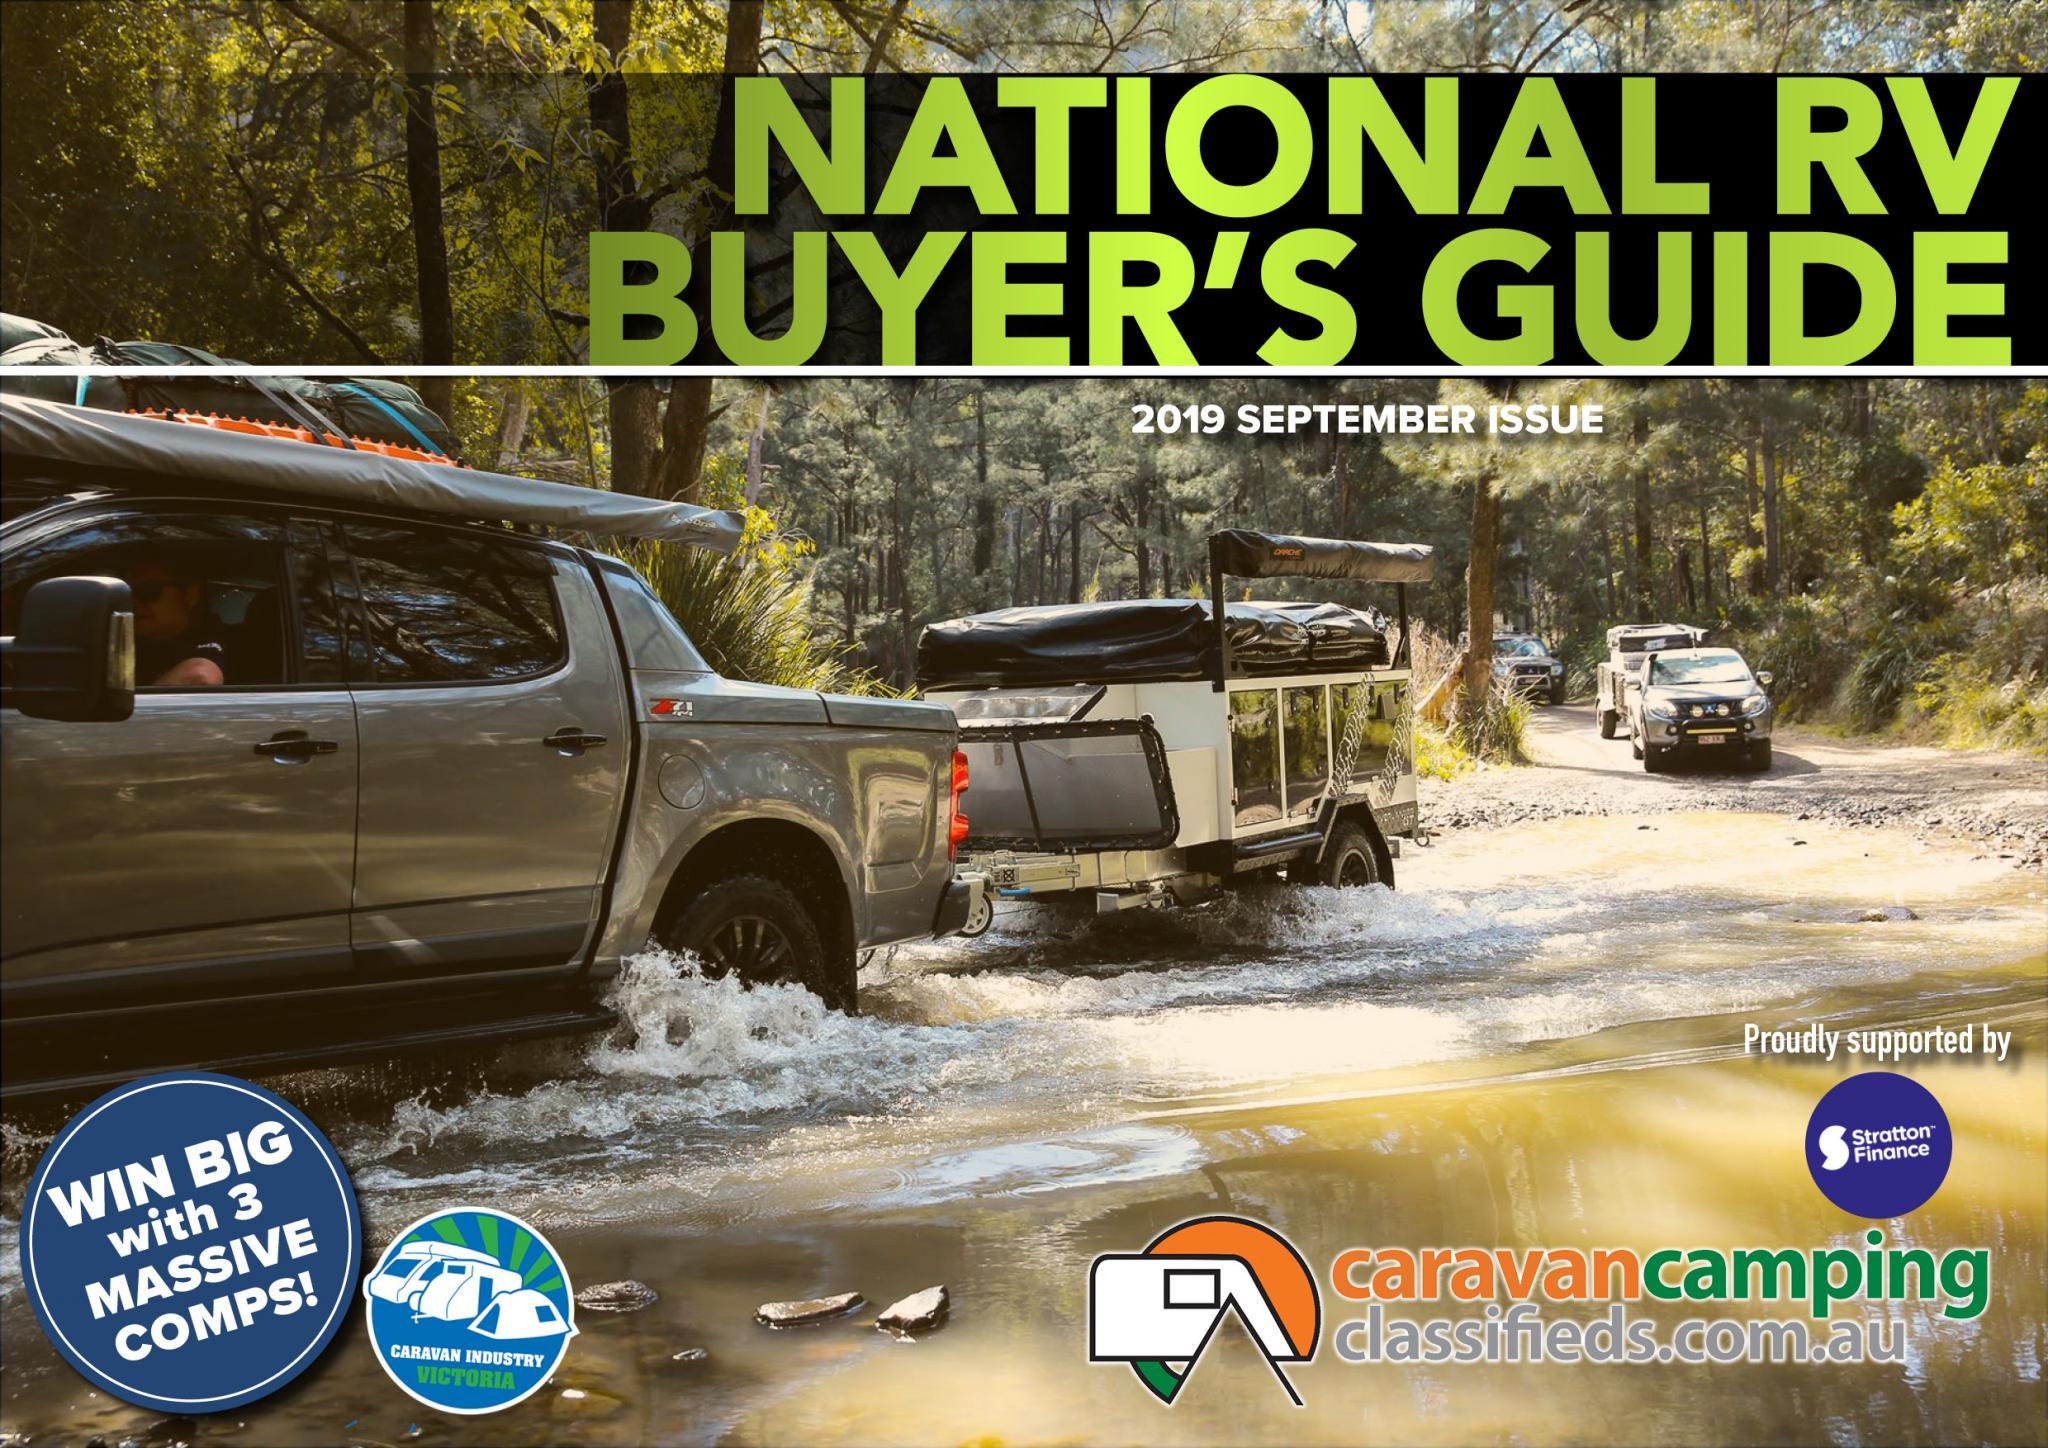 Rv national buyer's guide – september